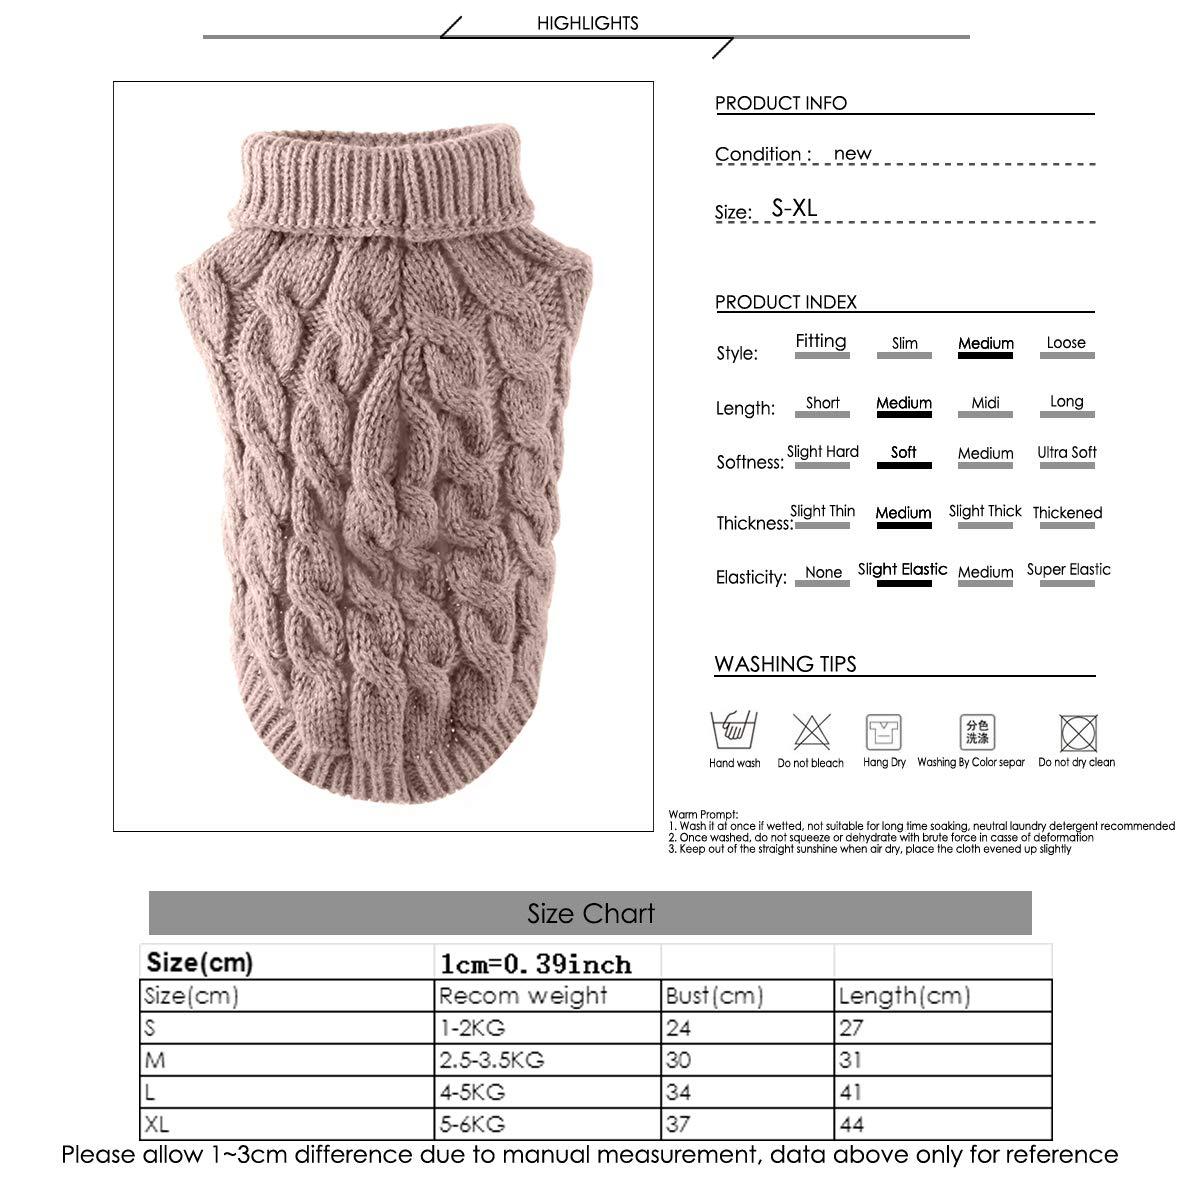 Ponacat Maglione per Animali Domestici Dolcevita per Cani Maglione Lavorato a Maglia Pullover Caldo Maglieria Outwear Cappotti Freddi Bianco//l